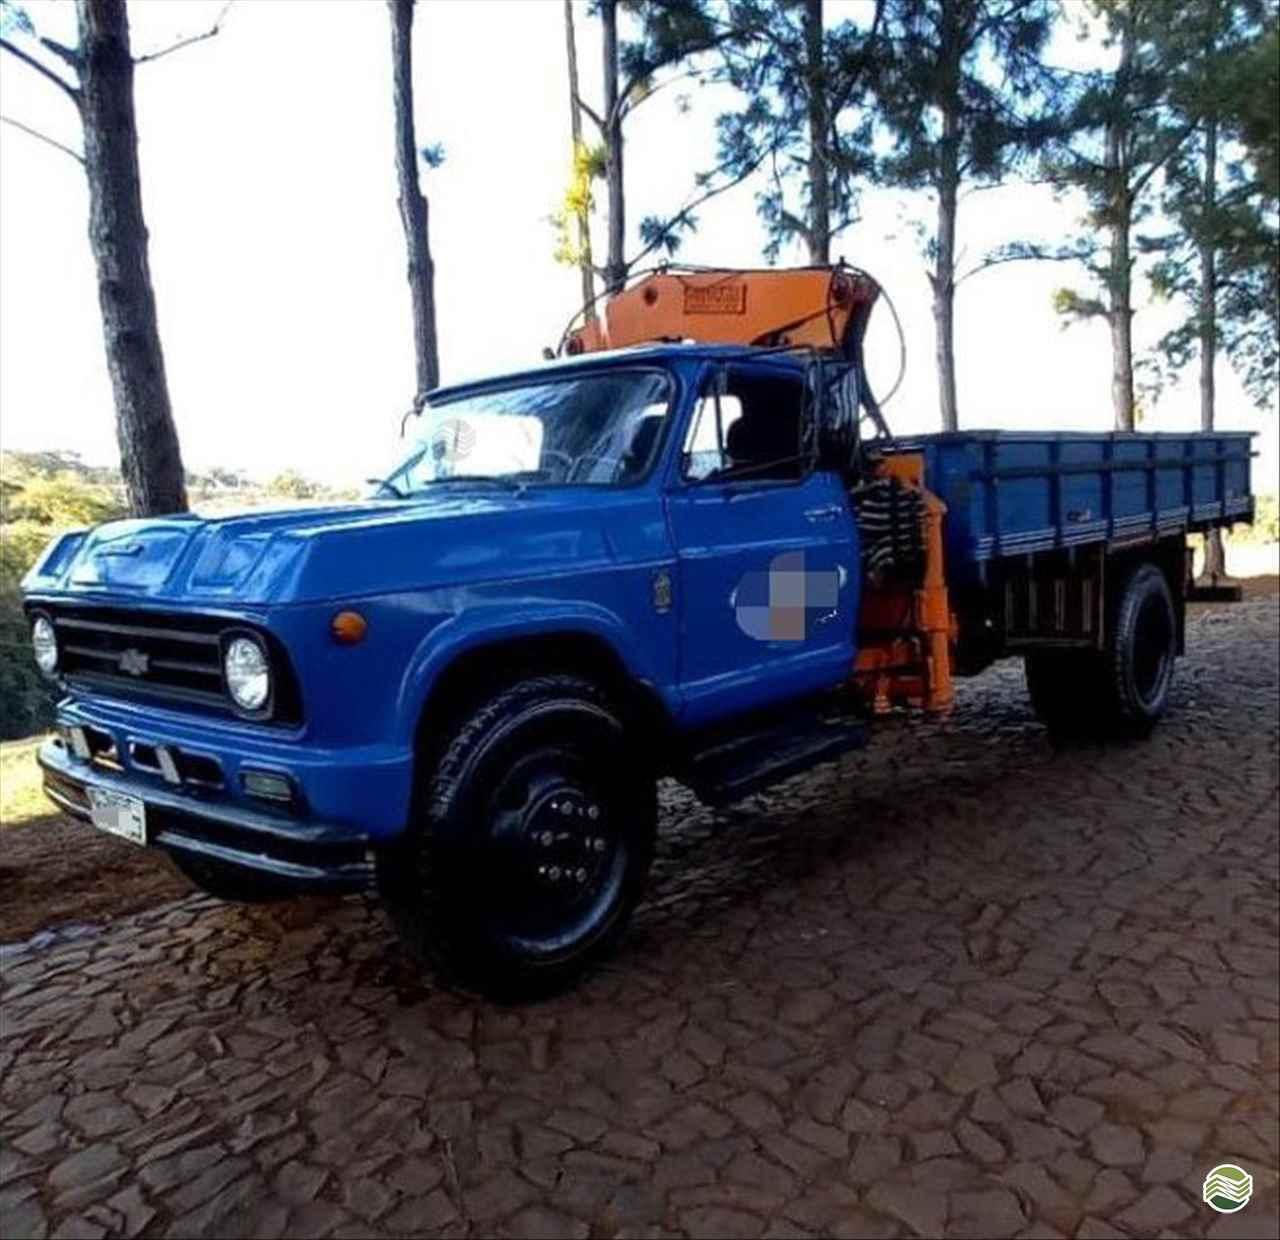 CAMINHAO GM D60 Graneleiro 3/4 4x2 Rural Vendas TERRA ROXA PARANÁ PR